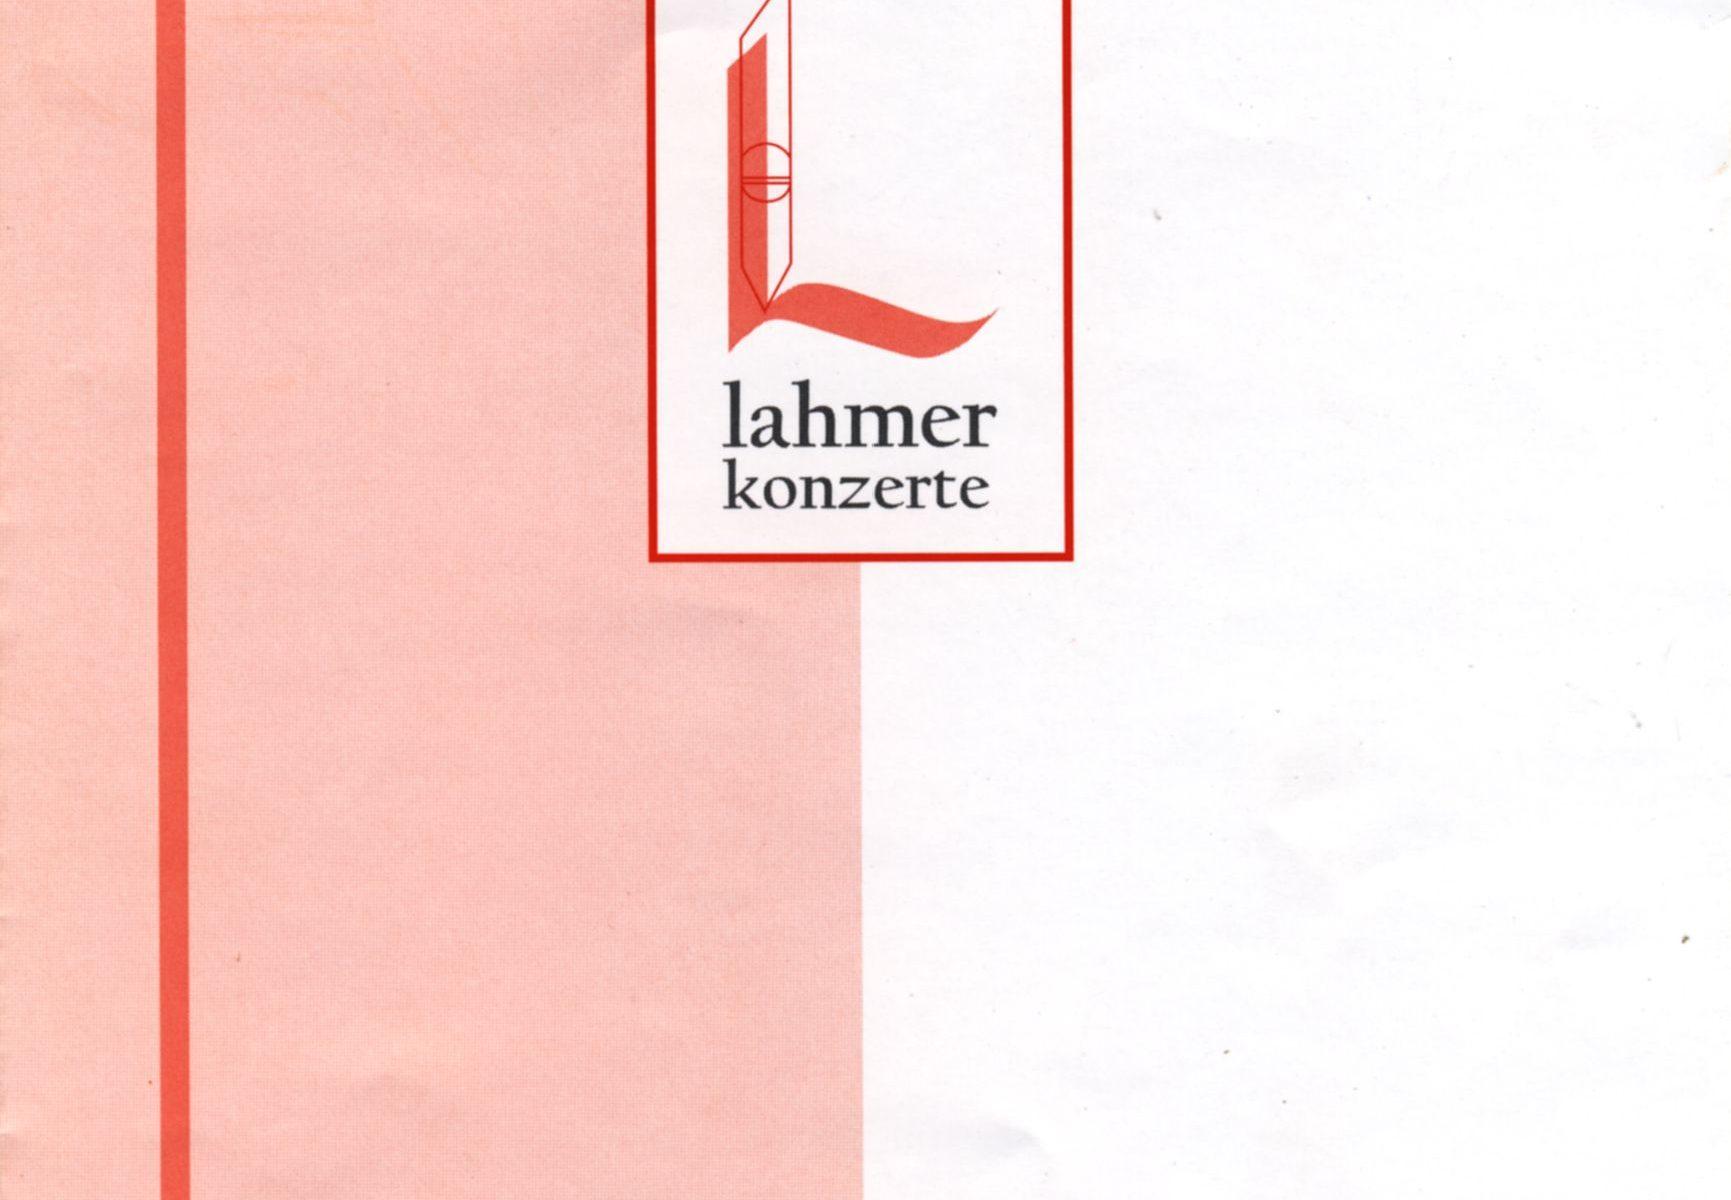 Lahmer Konzerte